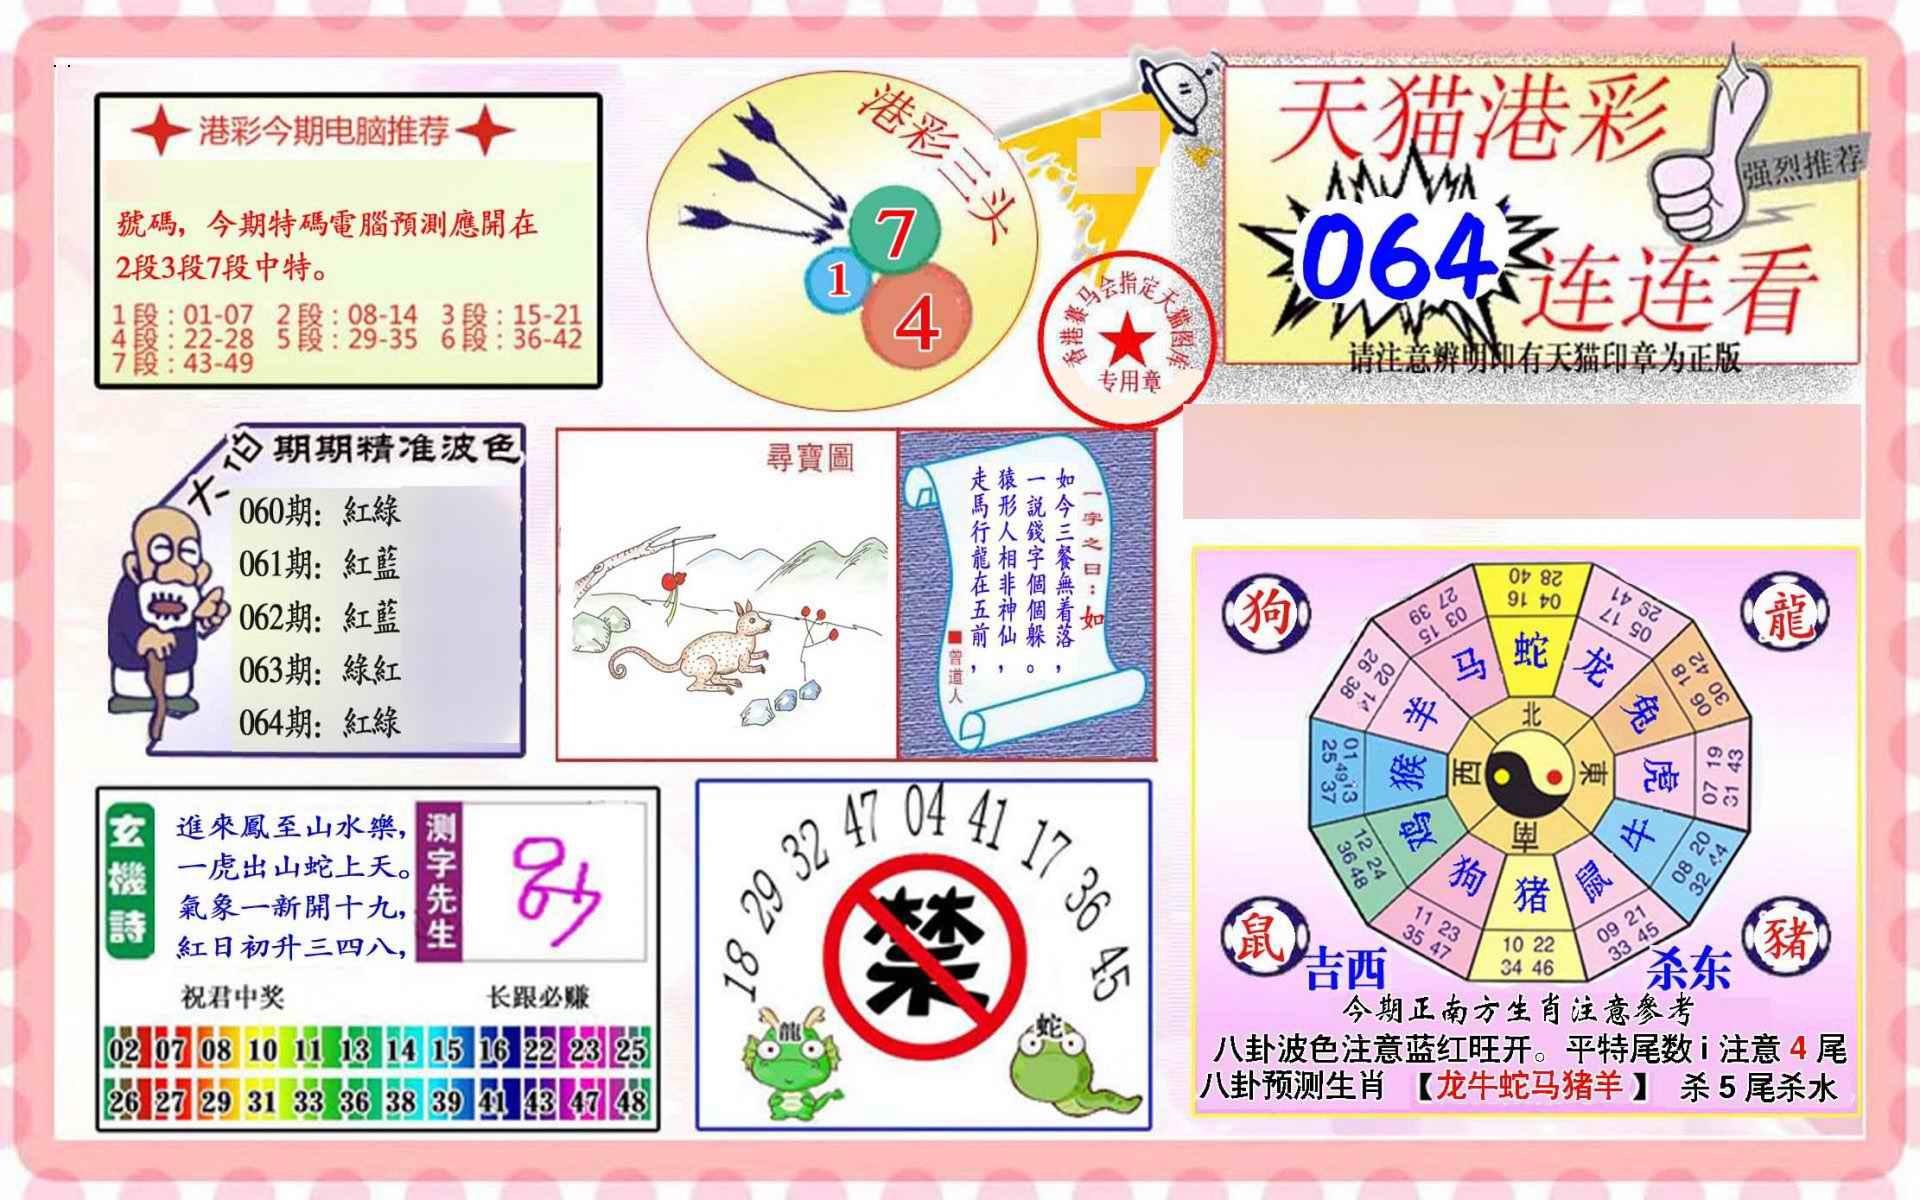 064期港彩连连中